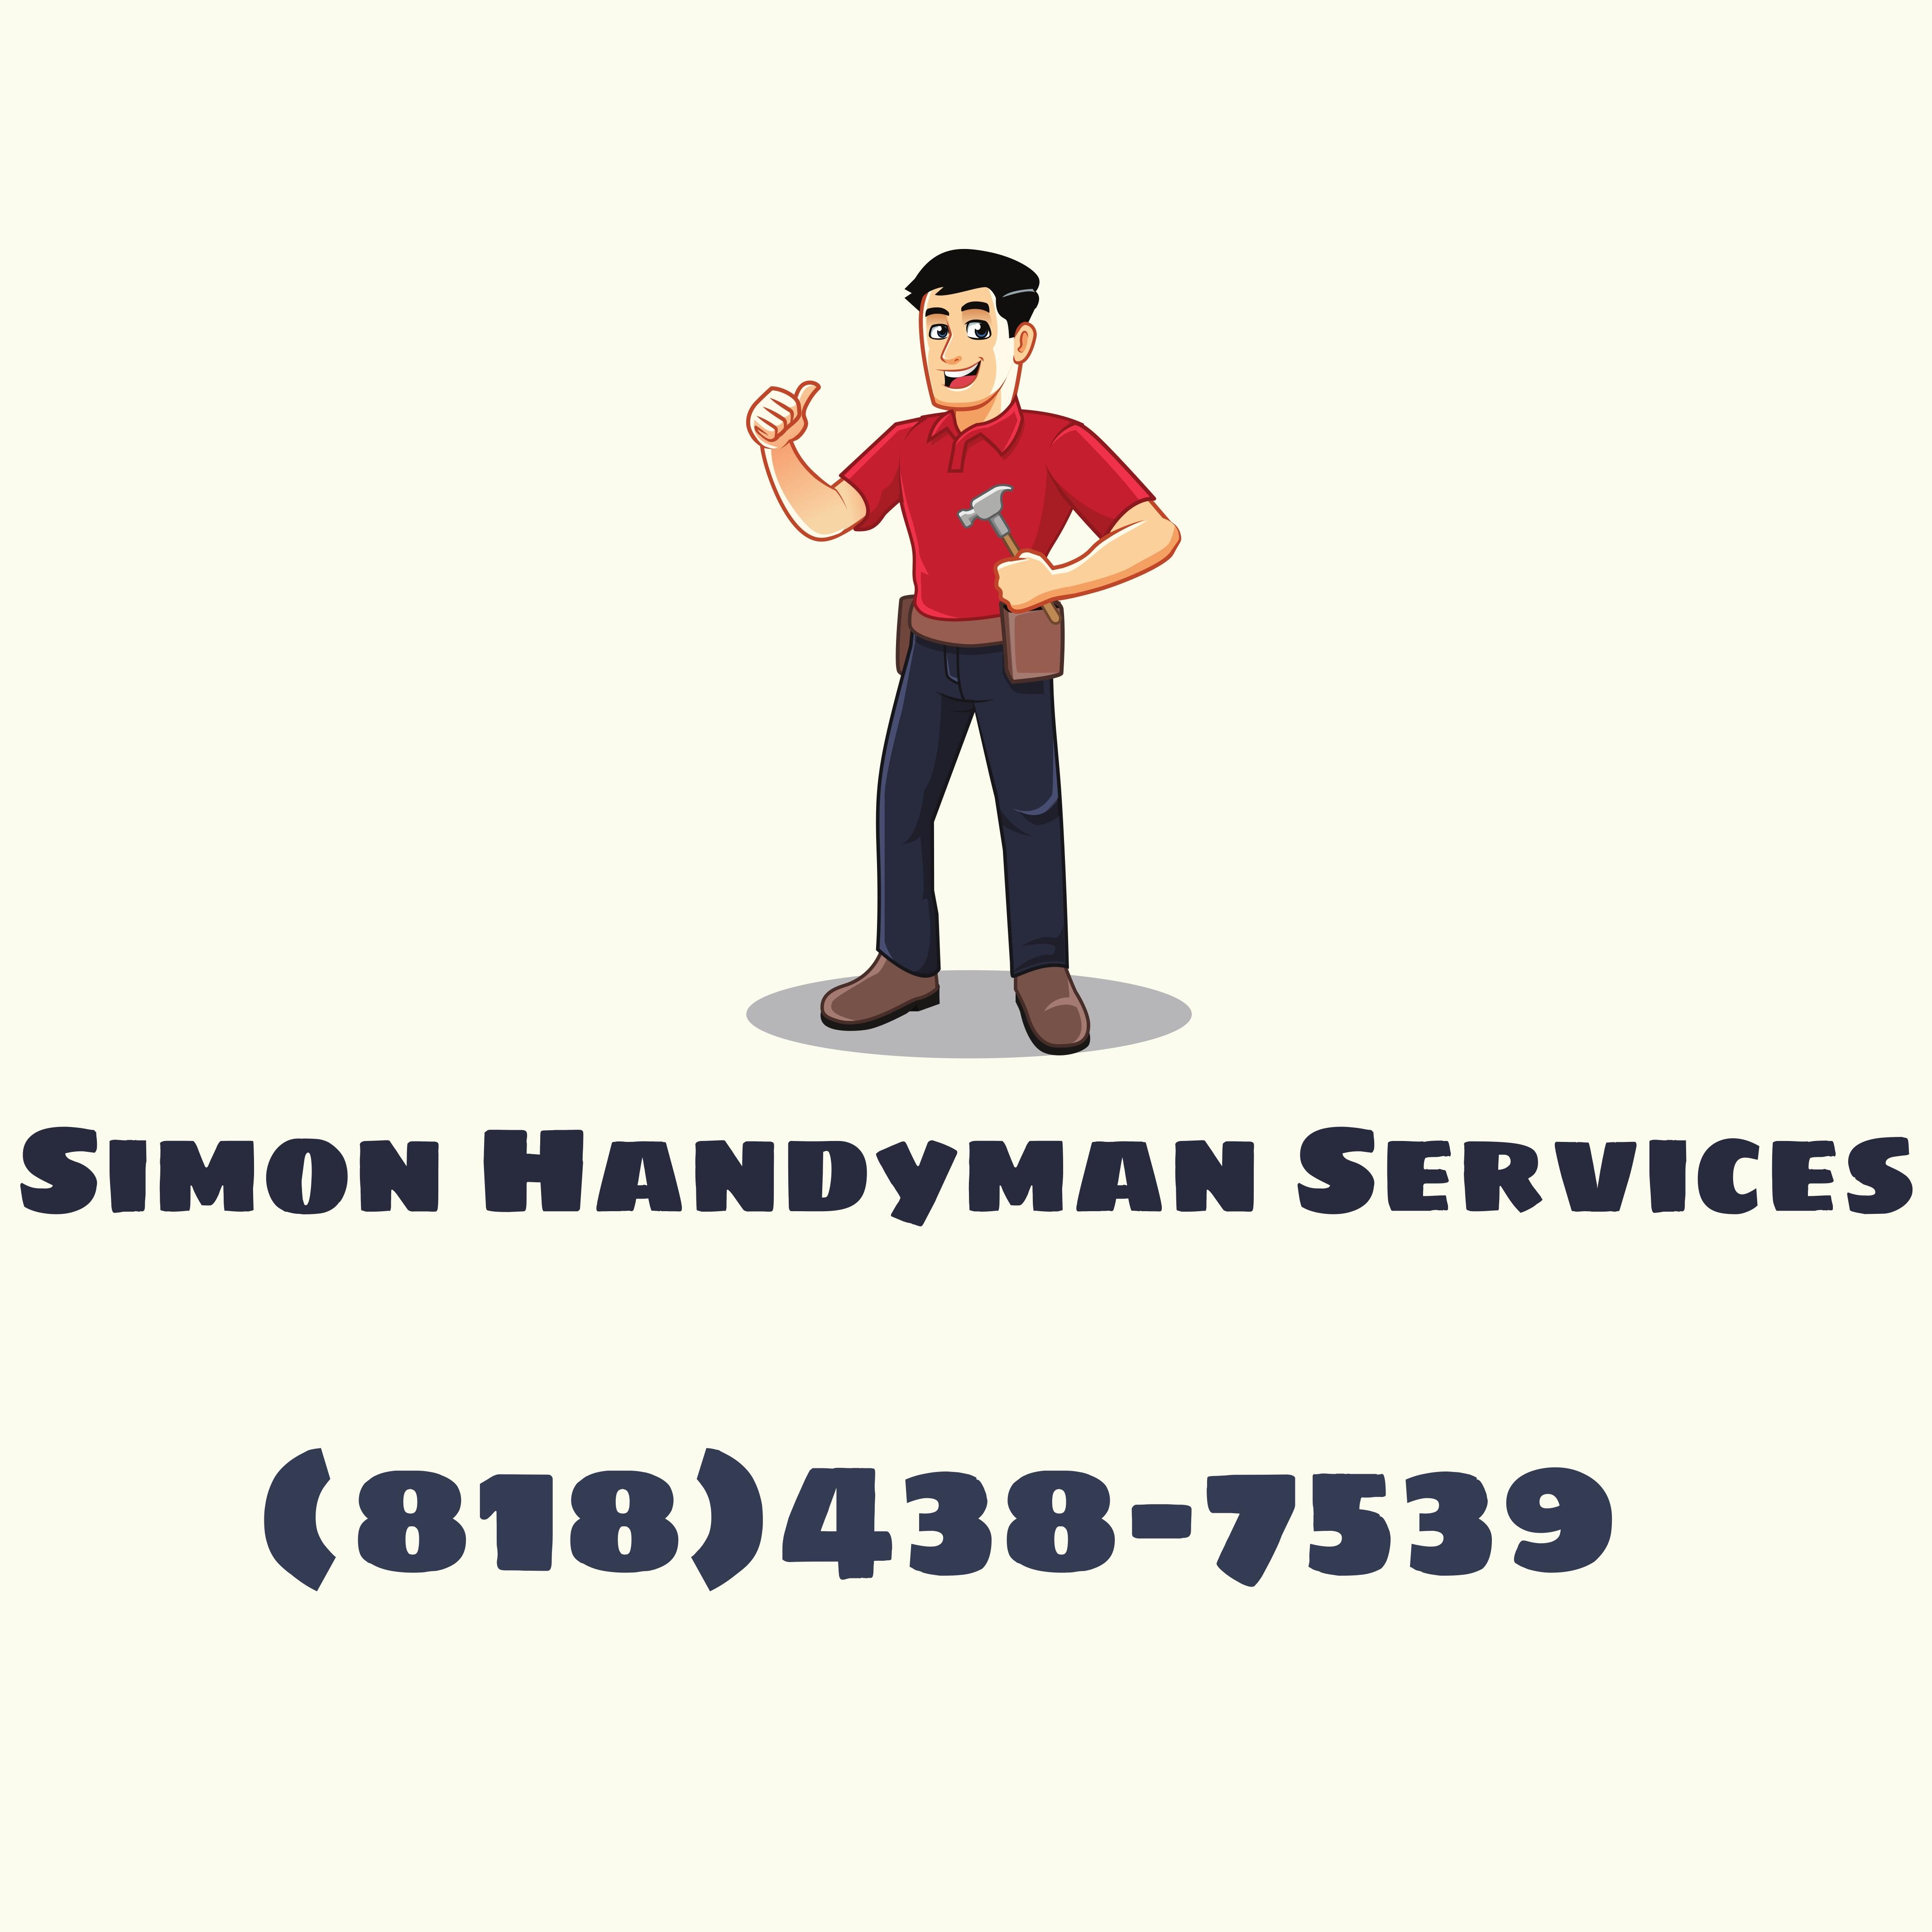 Simon Handyman Services logo